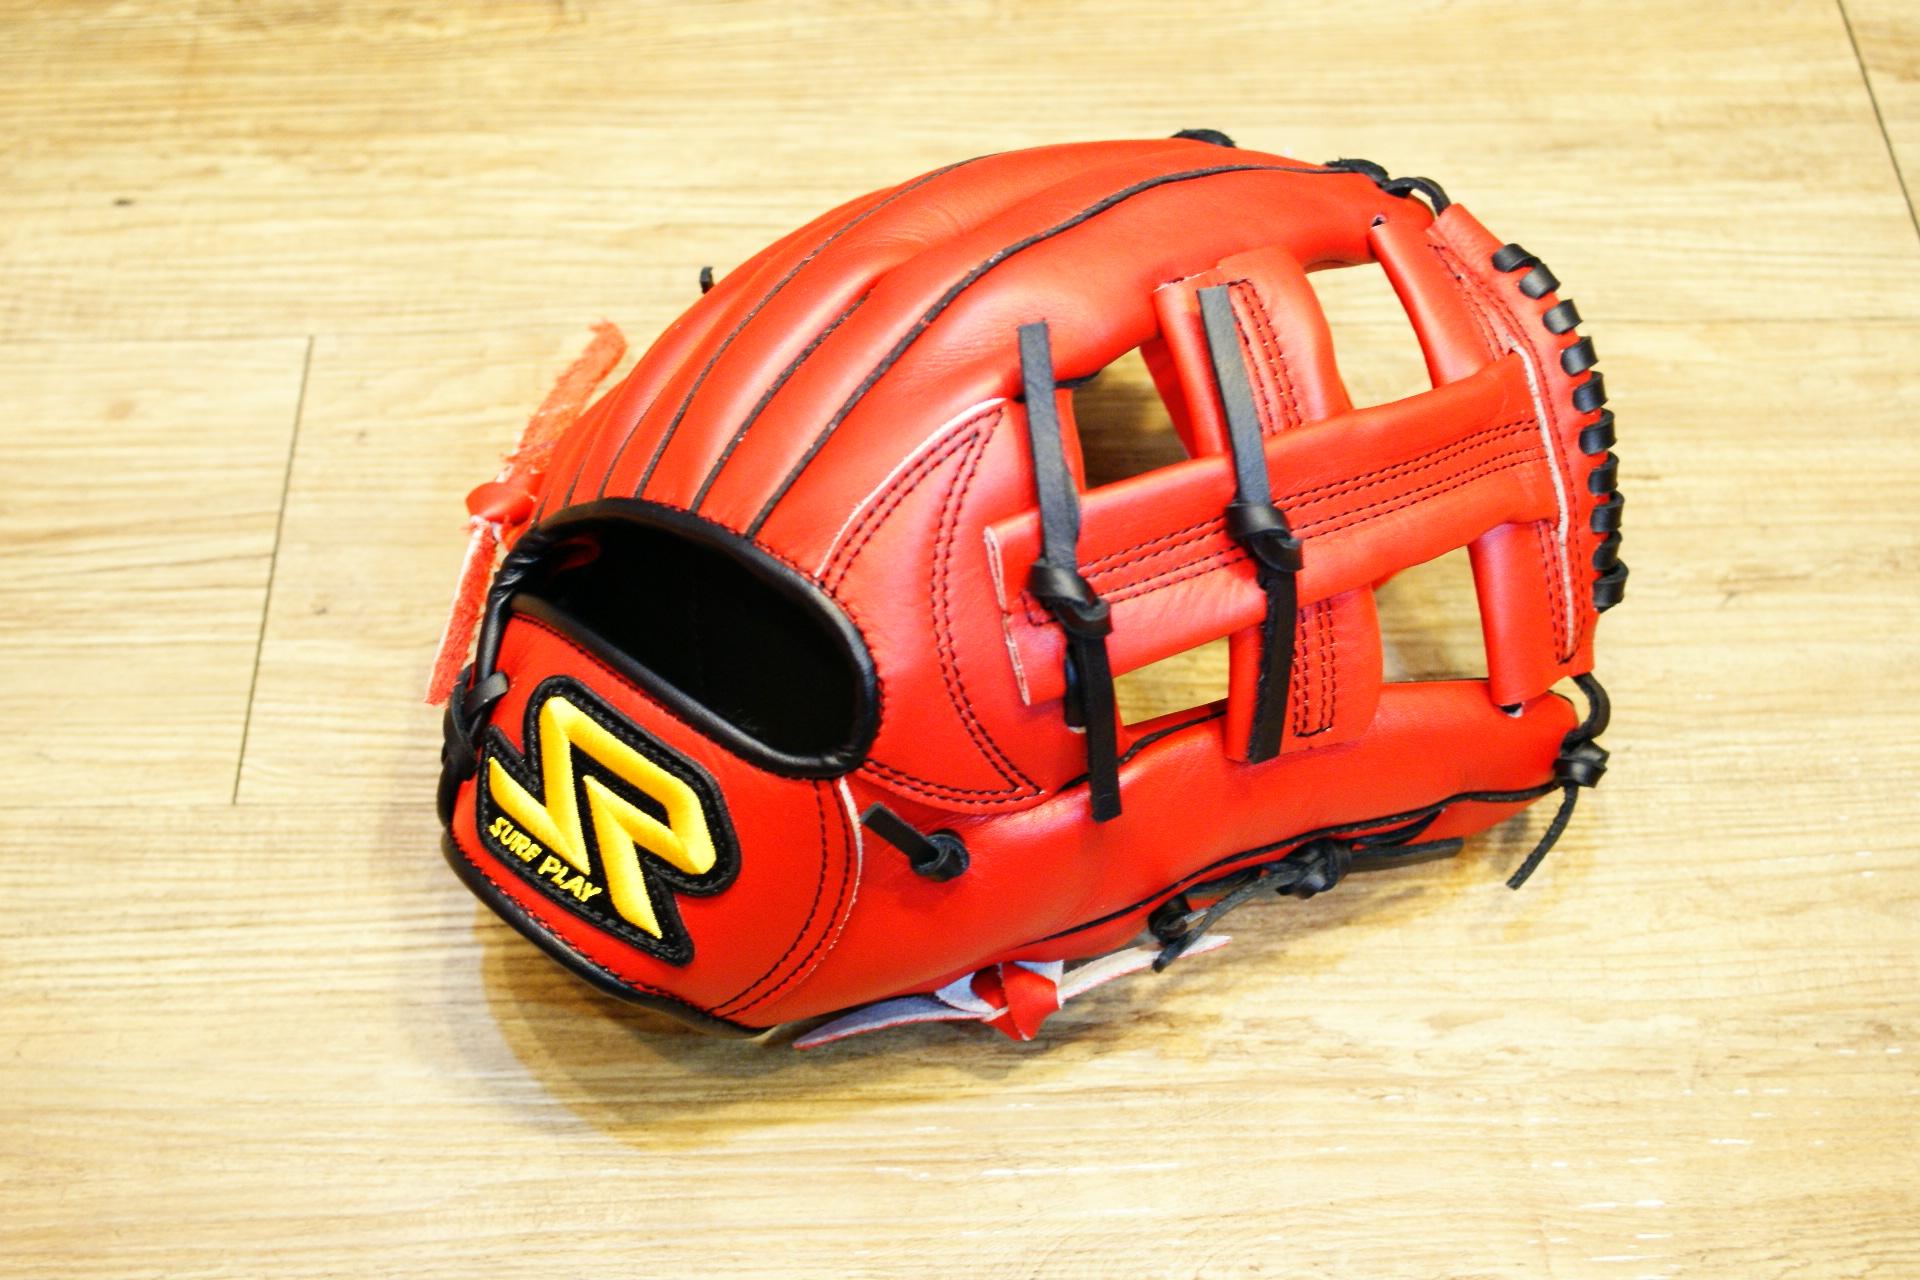 棒球世界 SURE PLAY 日本品牌 內野北美牛皮 棒壘手套 特價 血紅色 十字